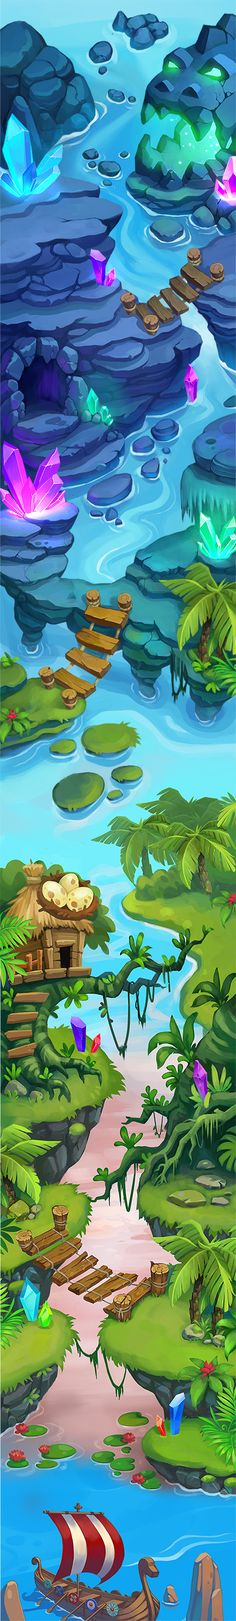 Lil Quest Maps on Behance Like & Repin. Noelito Flow. Noel http://www.instagram.com/noelitoflow